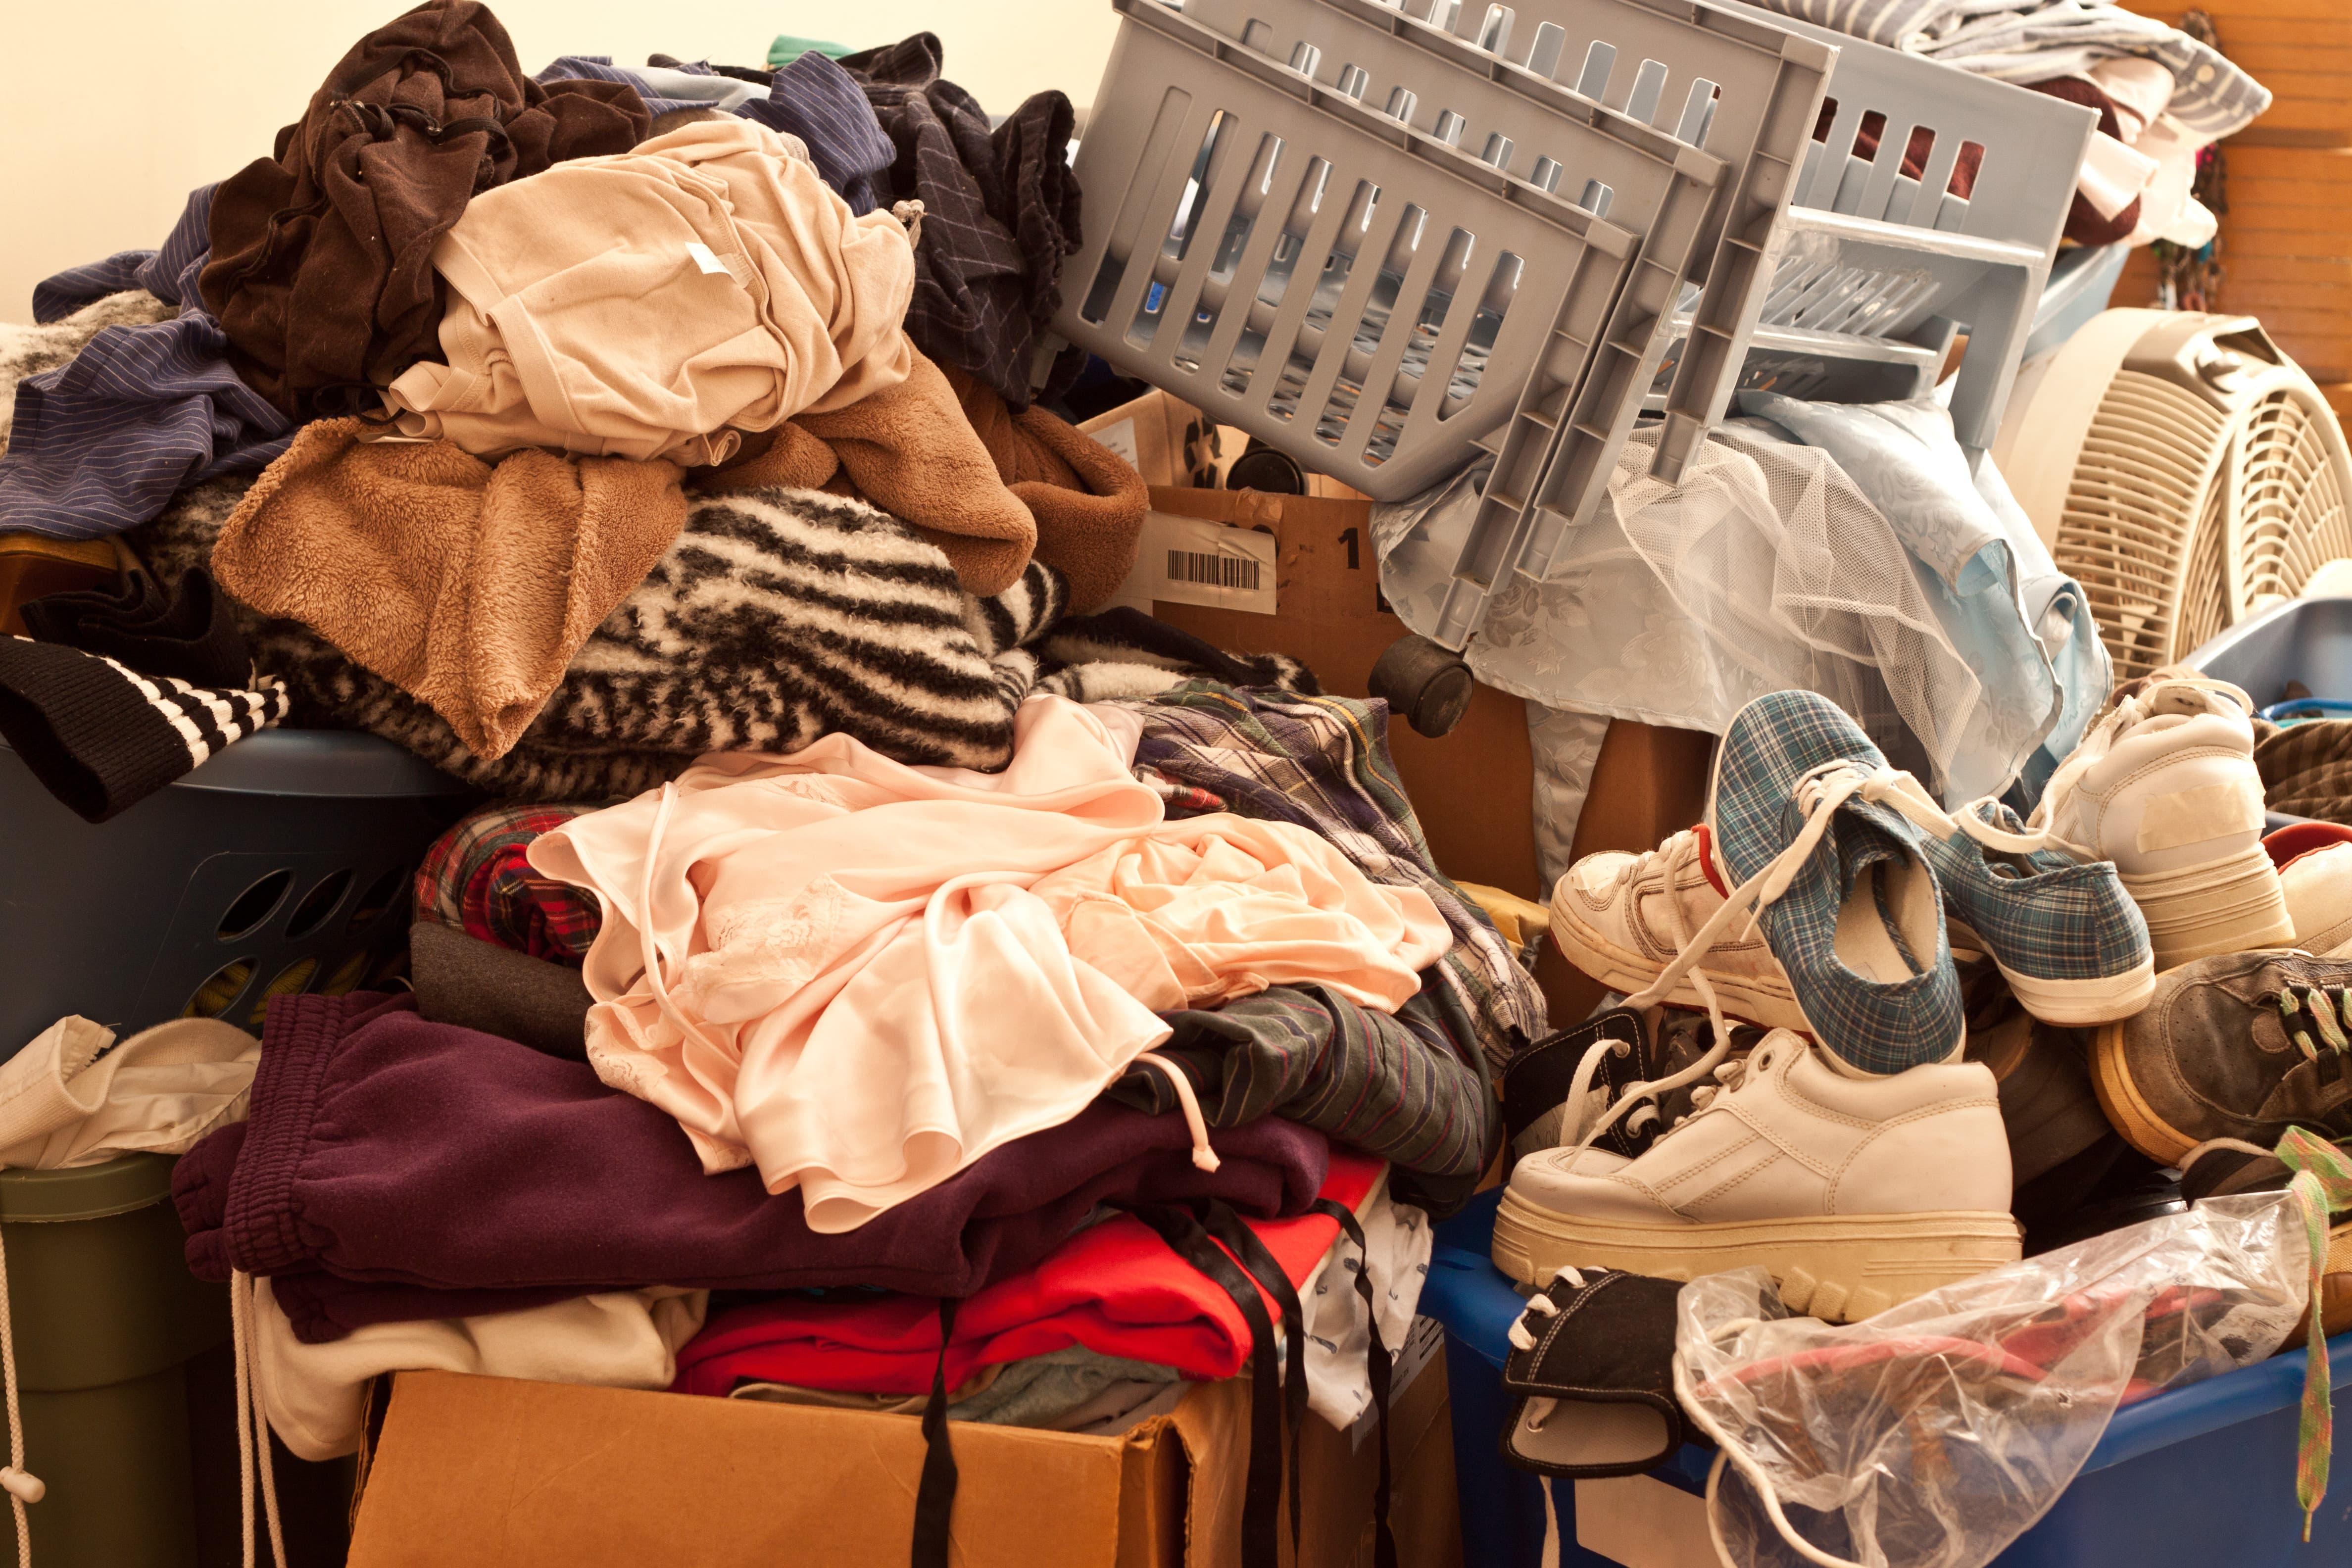 hoarding-disorder-min.jpg